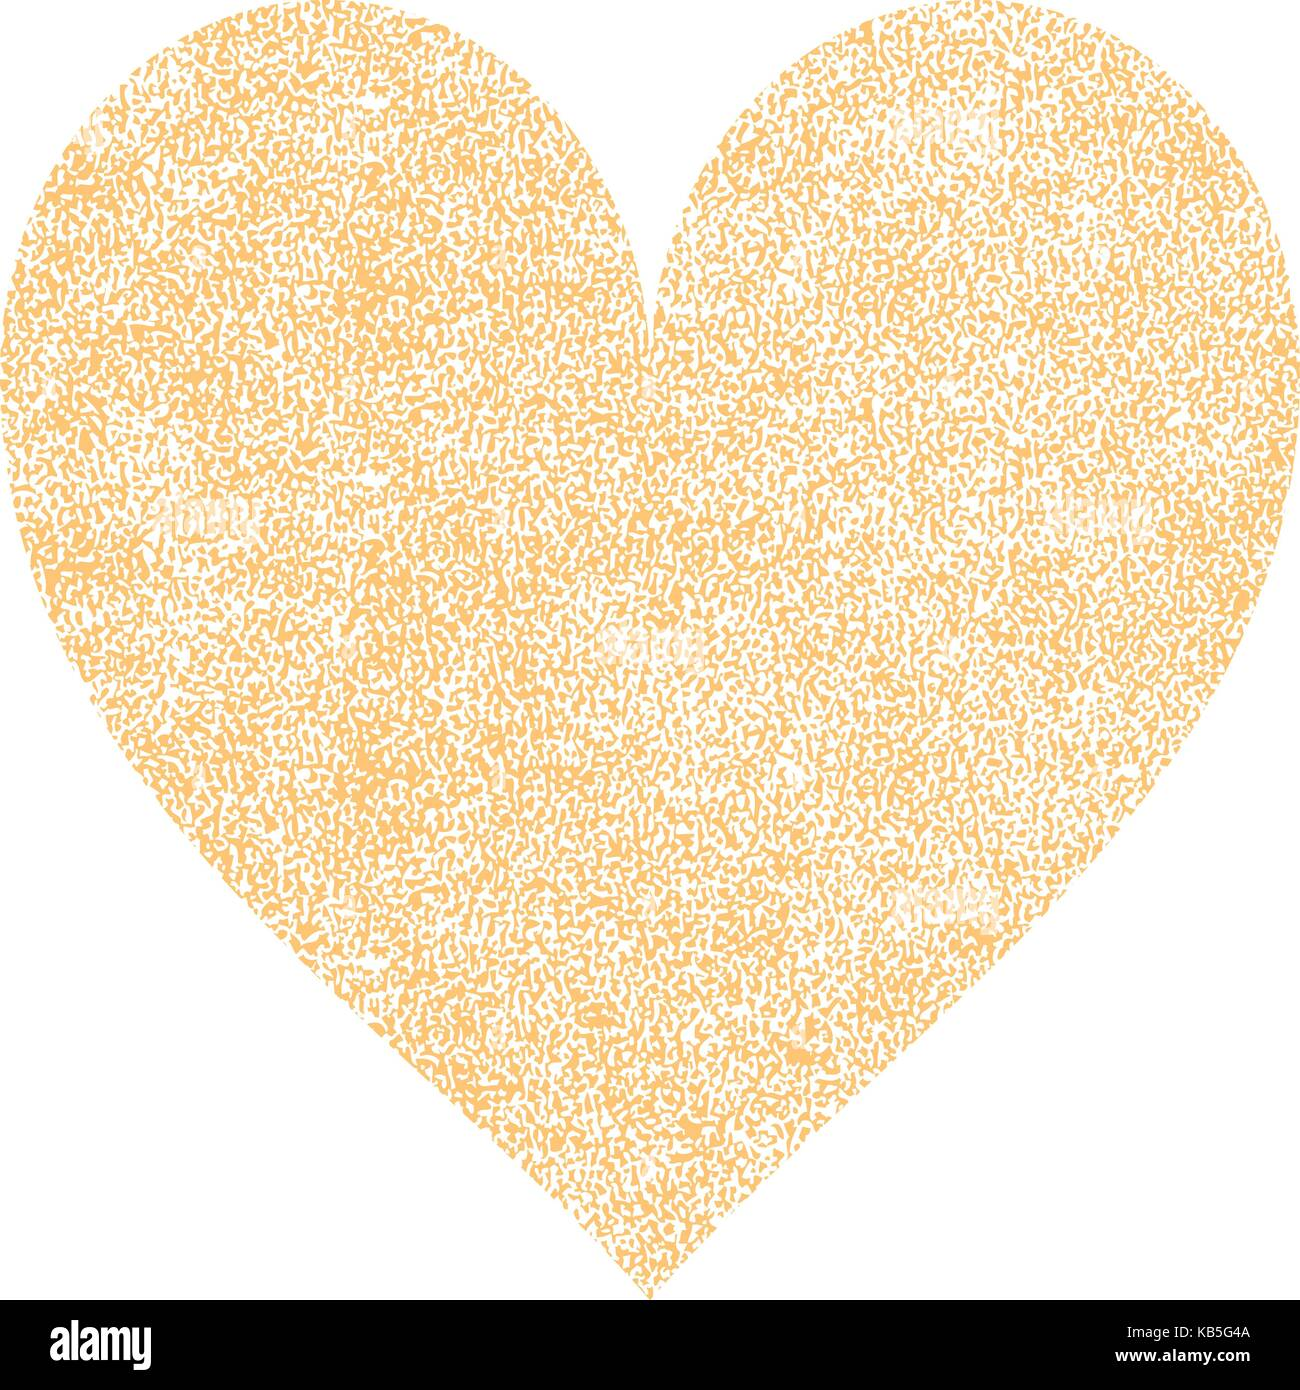 Es in allen ihren Designs verwenden. Gelb Herz mit Wirkung Farbe ...